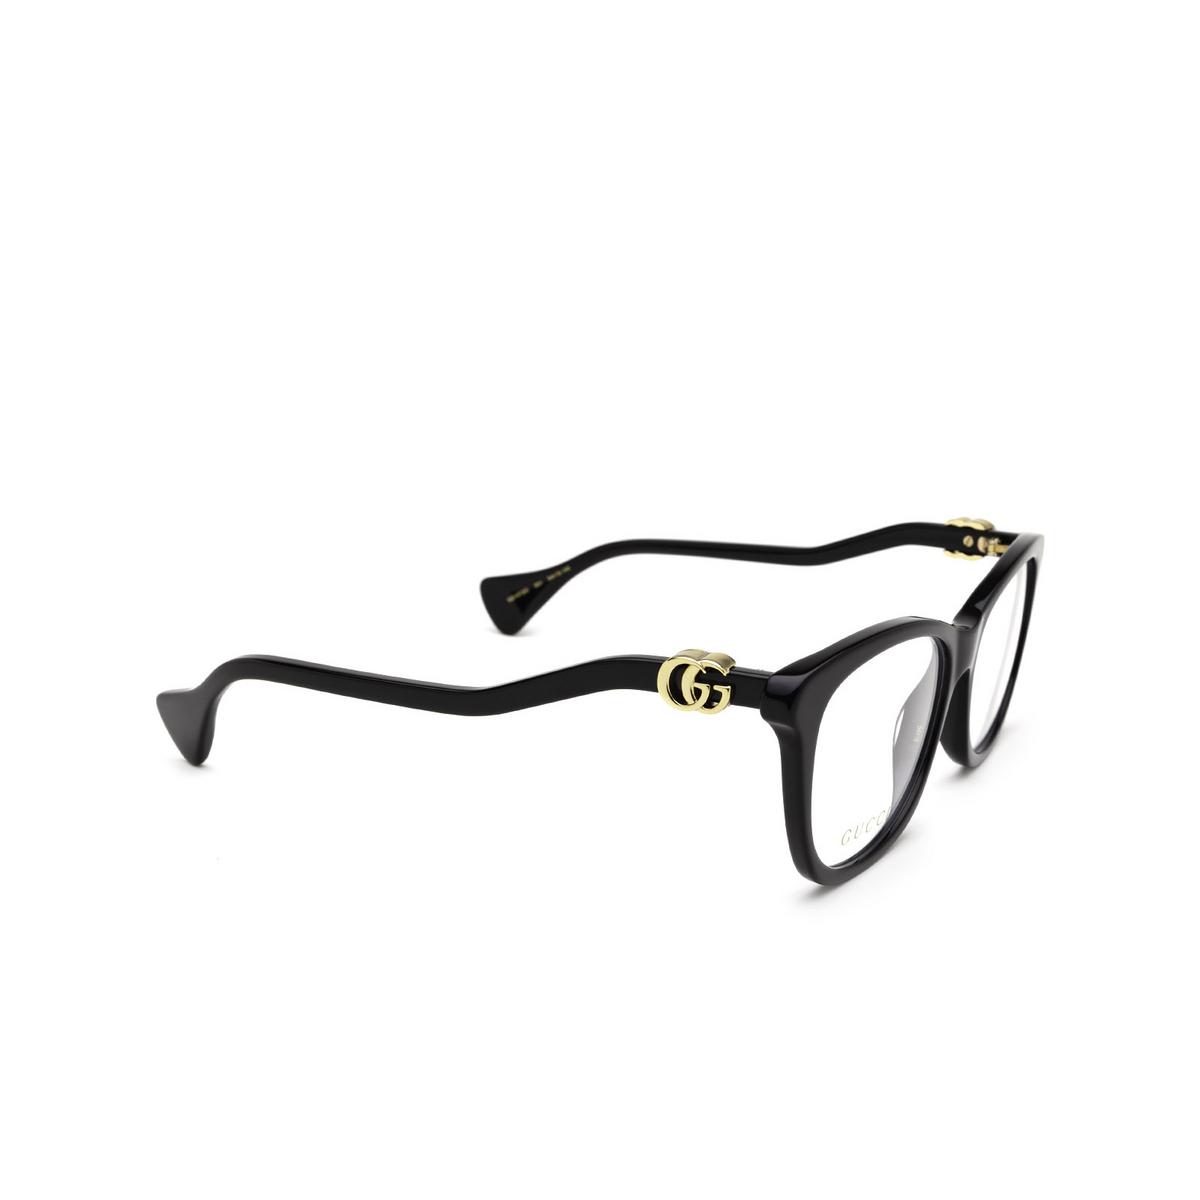 Gucci® Cat-eye Eyeglasses: GG1012O color Black 001 - three-quarters view.